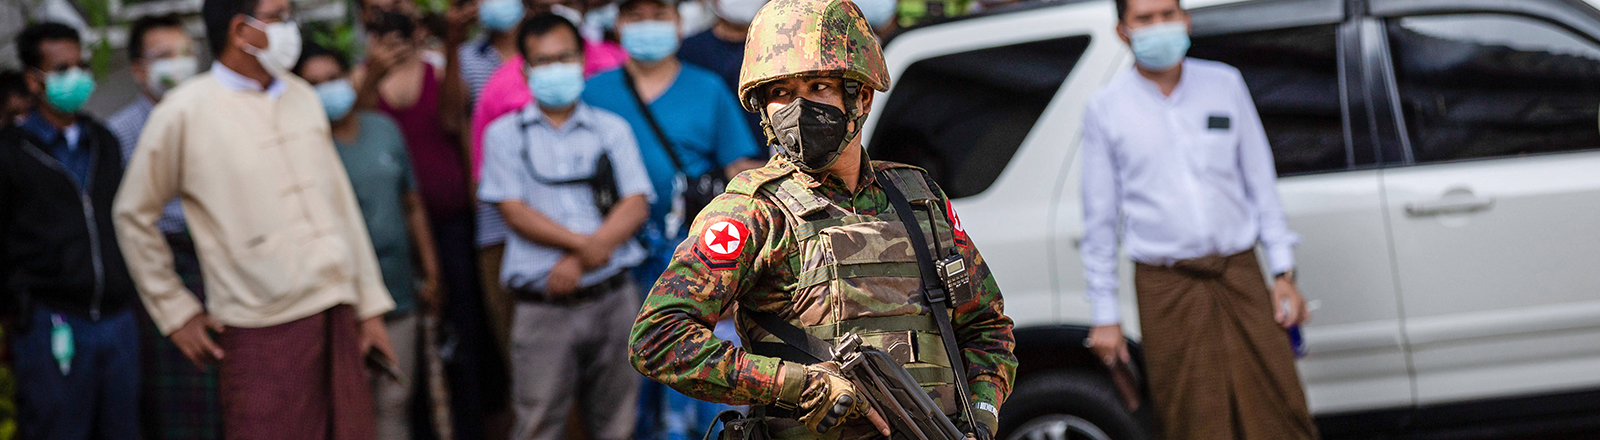 In Rangun, der Hauptstadt Myanmars, steht ein uniformierter Soldat mit Maschinengewehr vor einer Menschentraube (02.02.2021)